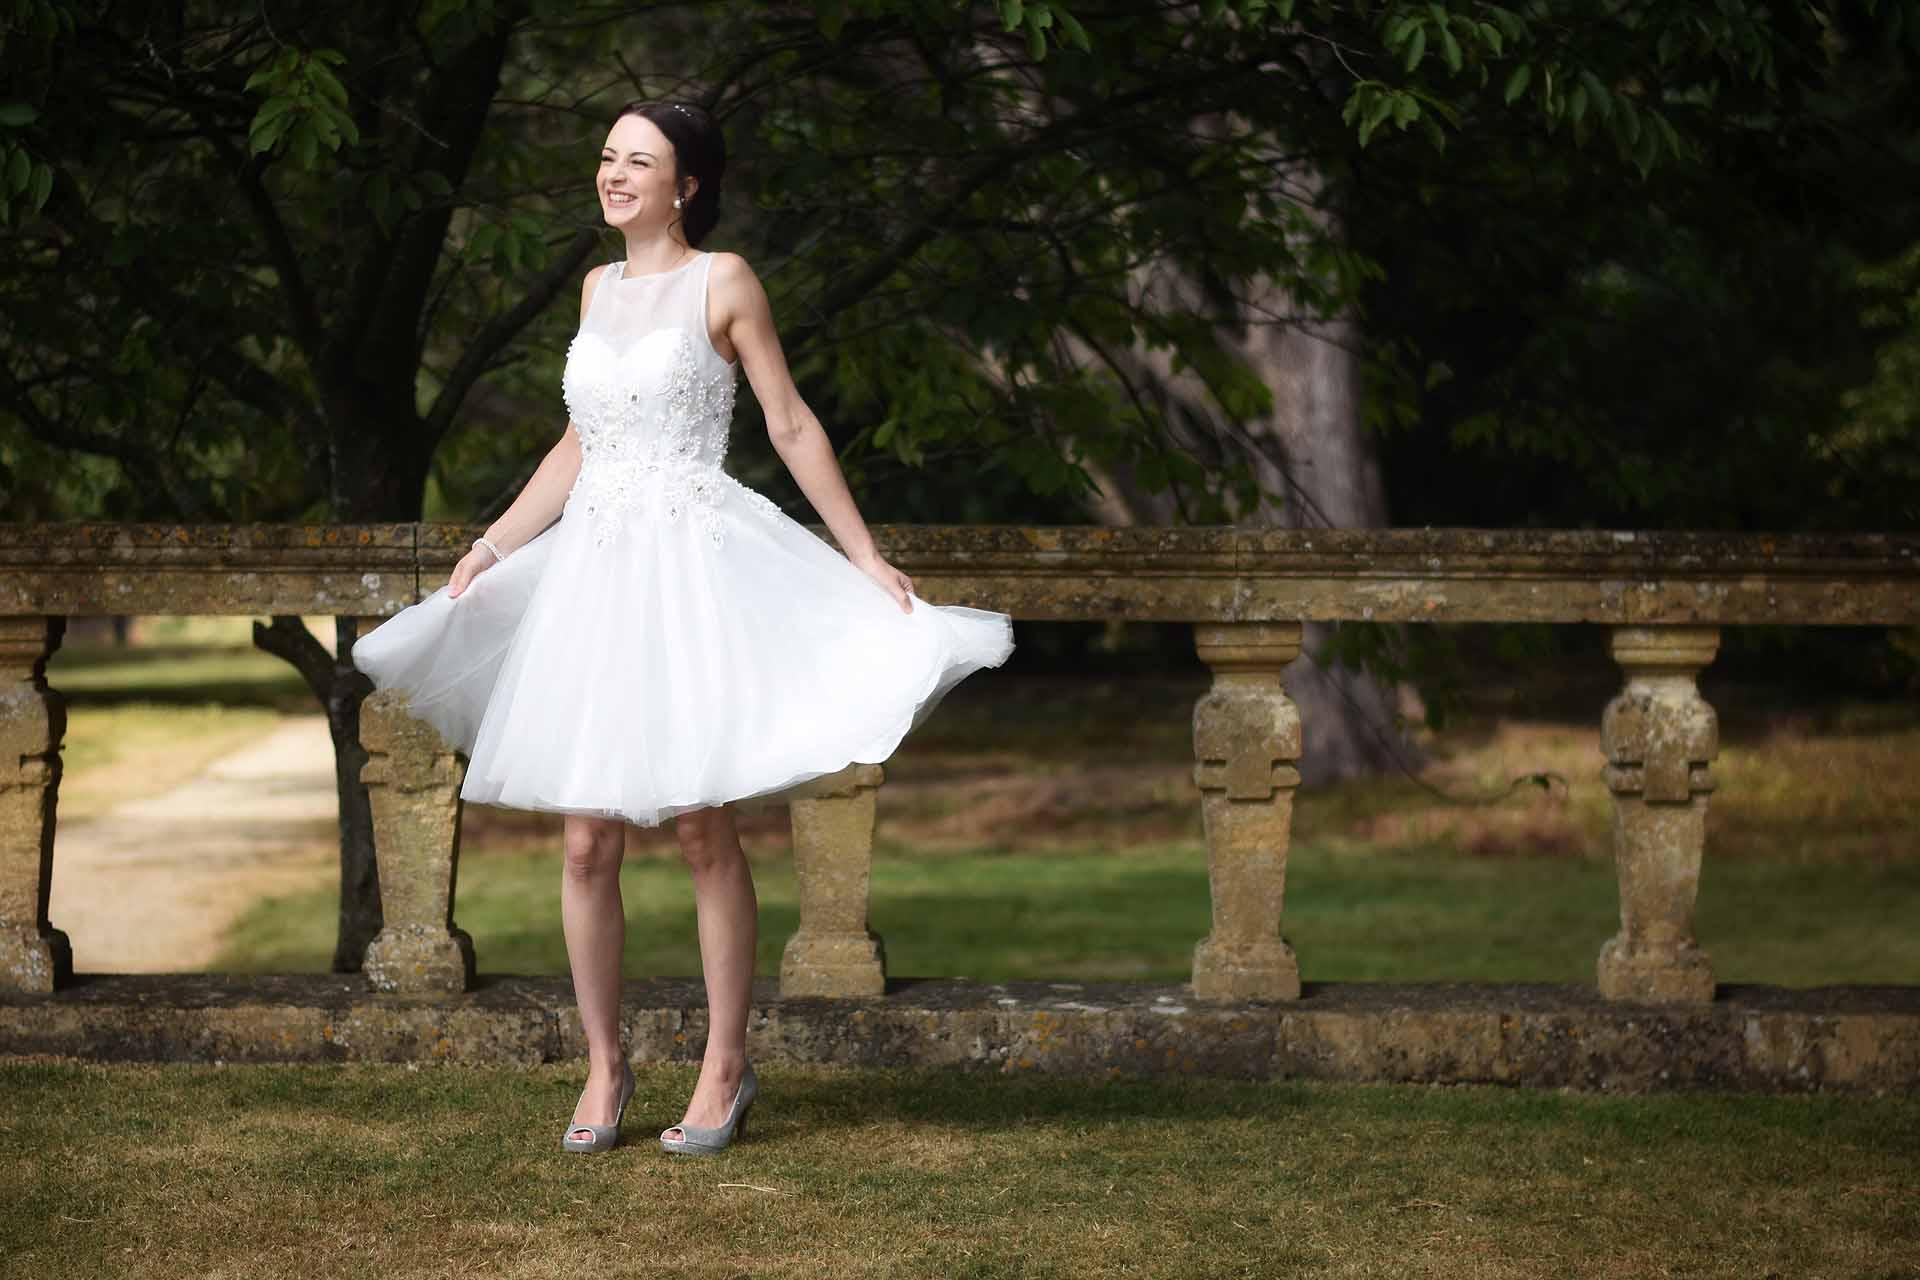 bride dancing in a garden